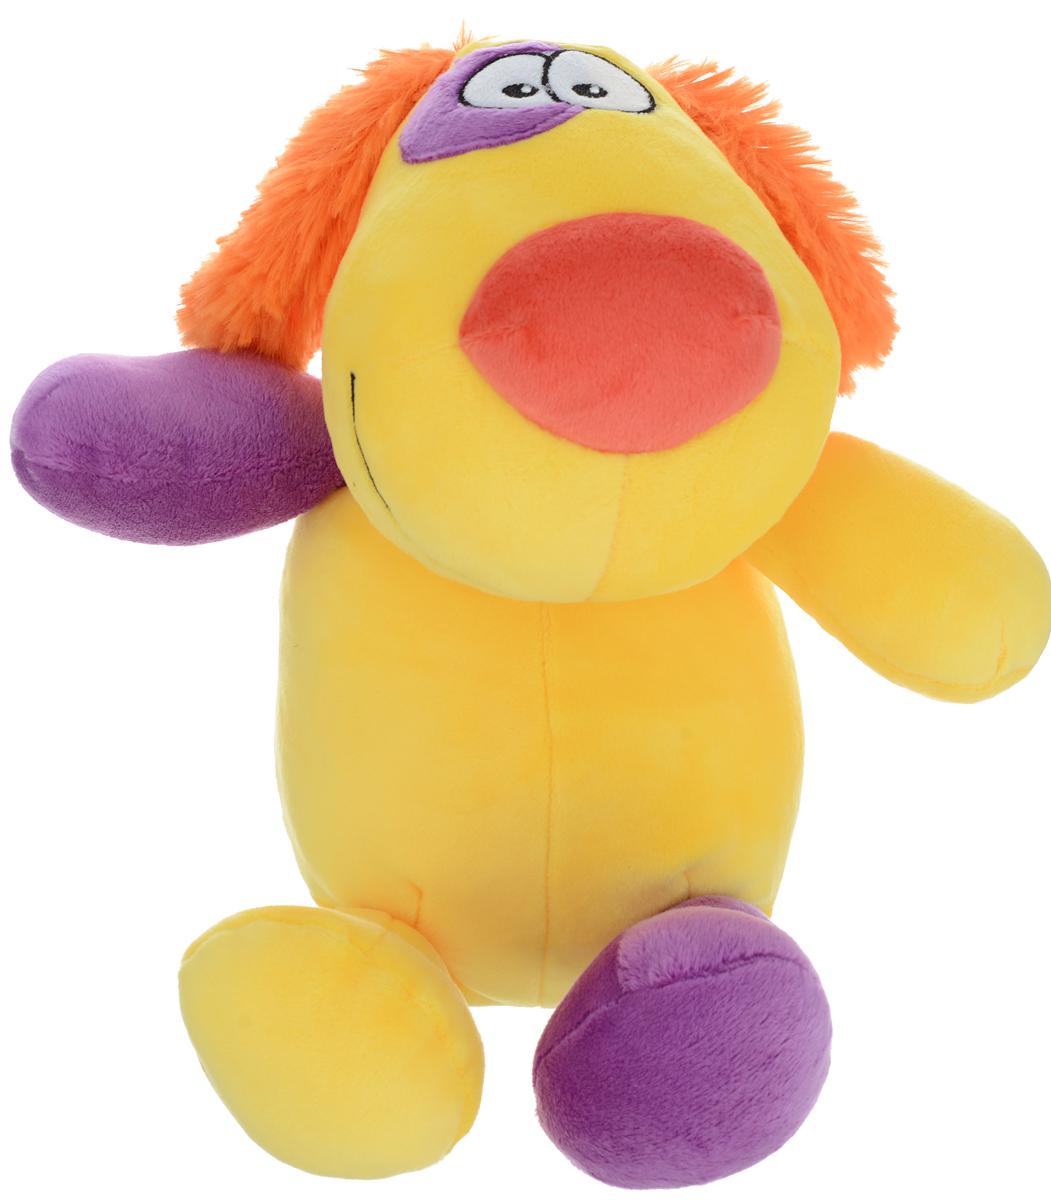 СмолТойс Мягкая игрушка Пес Егорка 35 см 2333/ЖЛ/35 смолтойс мягкая игрушка зайка даша цвет салатовый 41 см